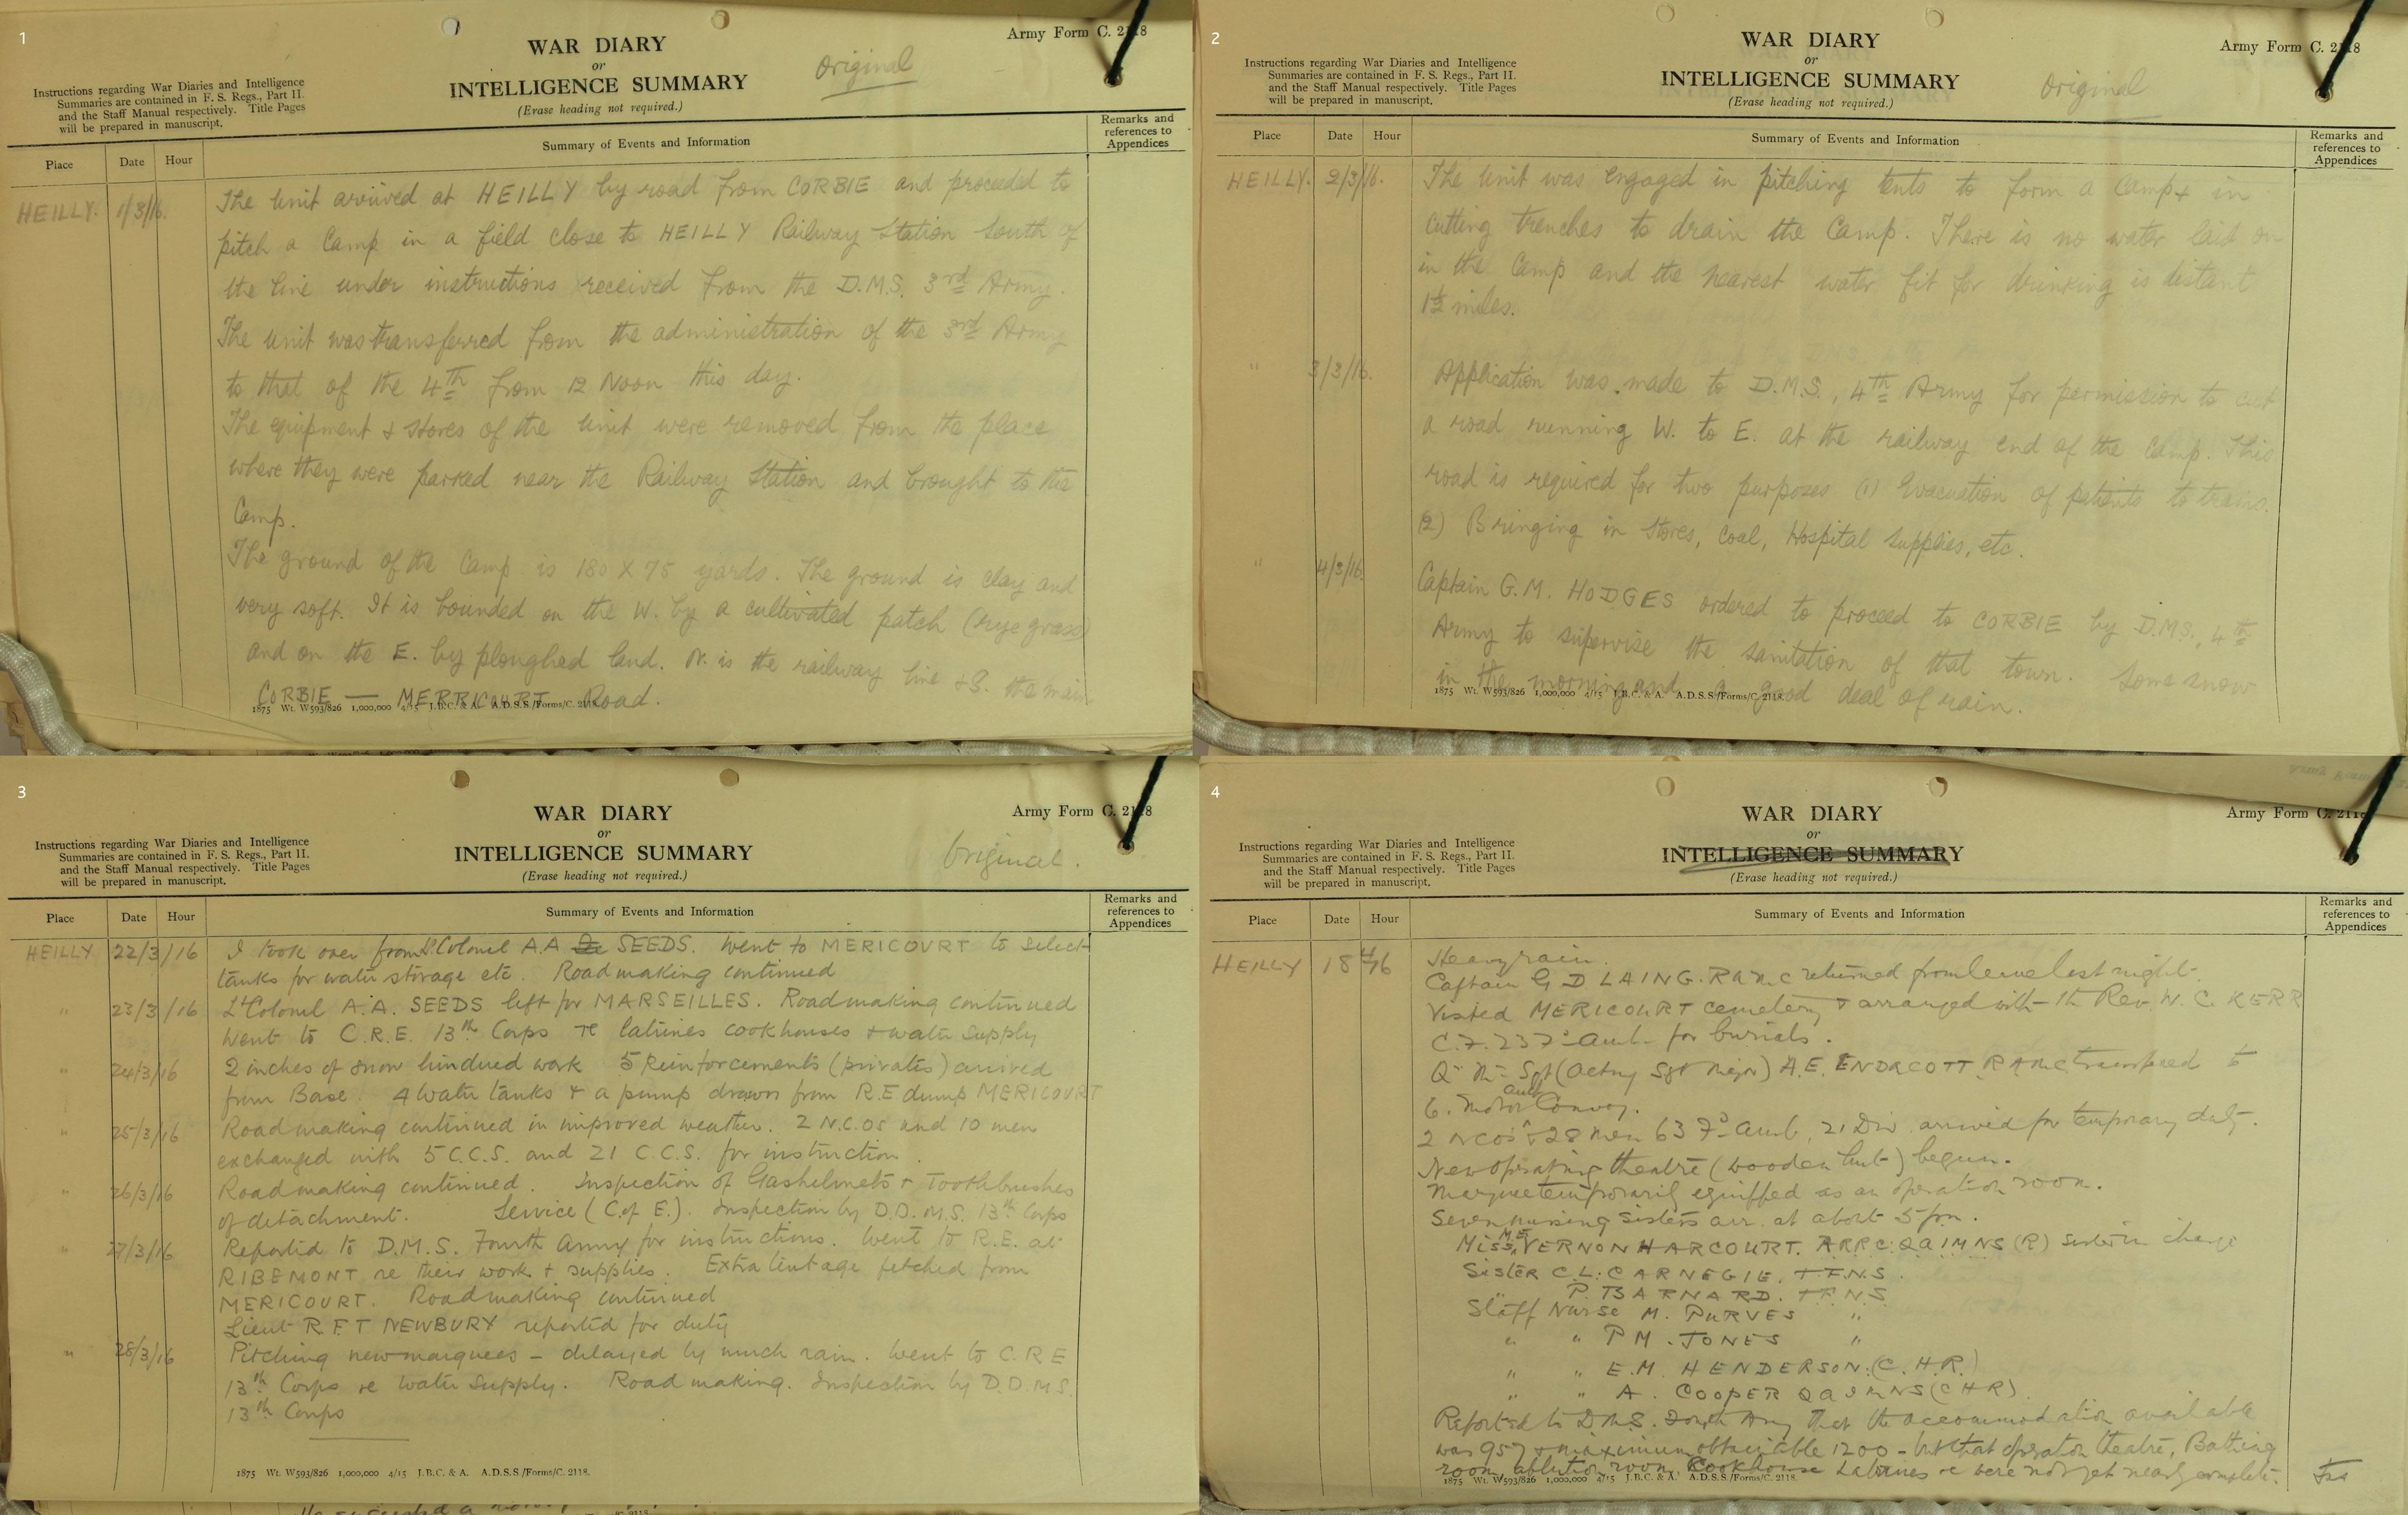 WO95/344 War diary describing the construction of the camp